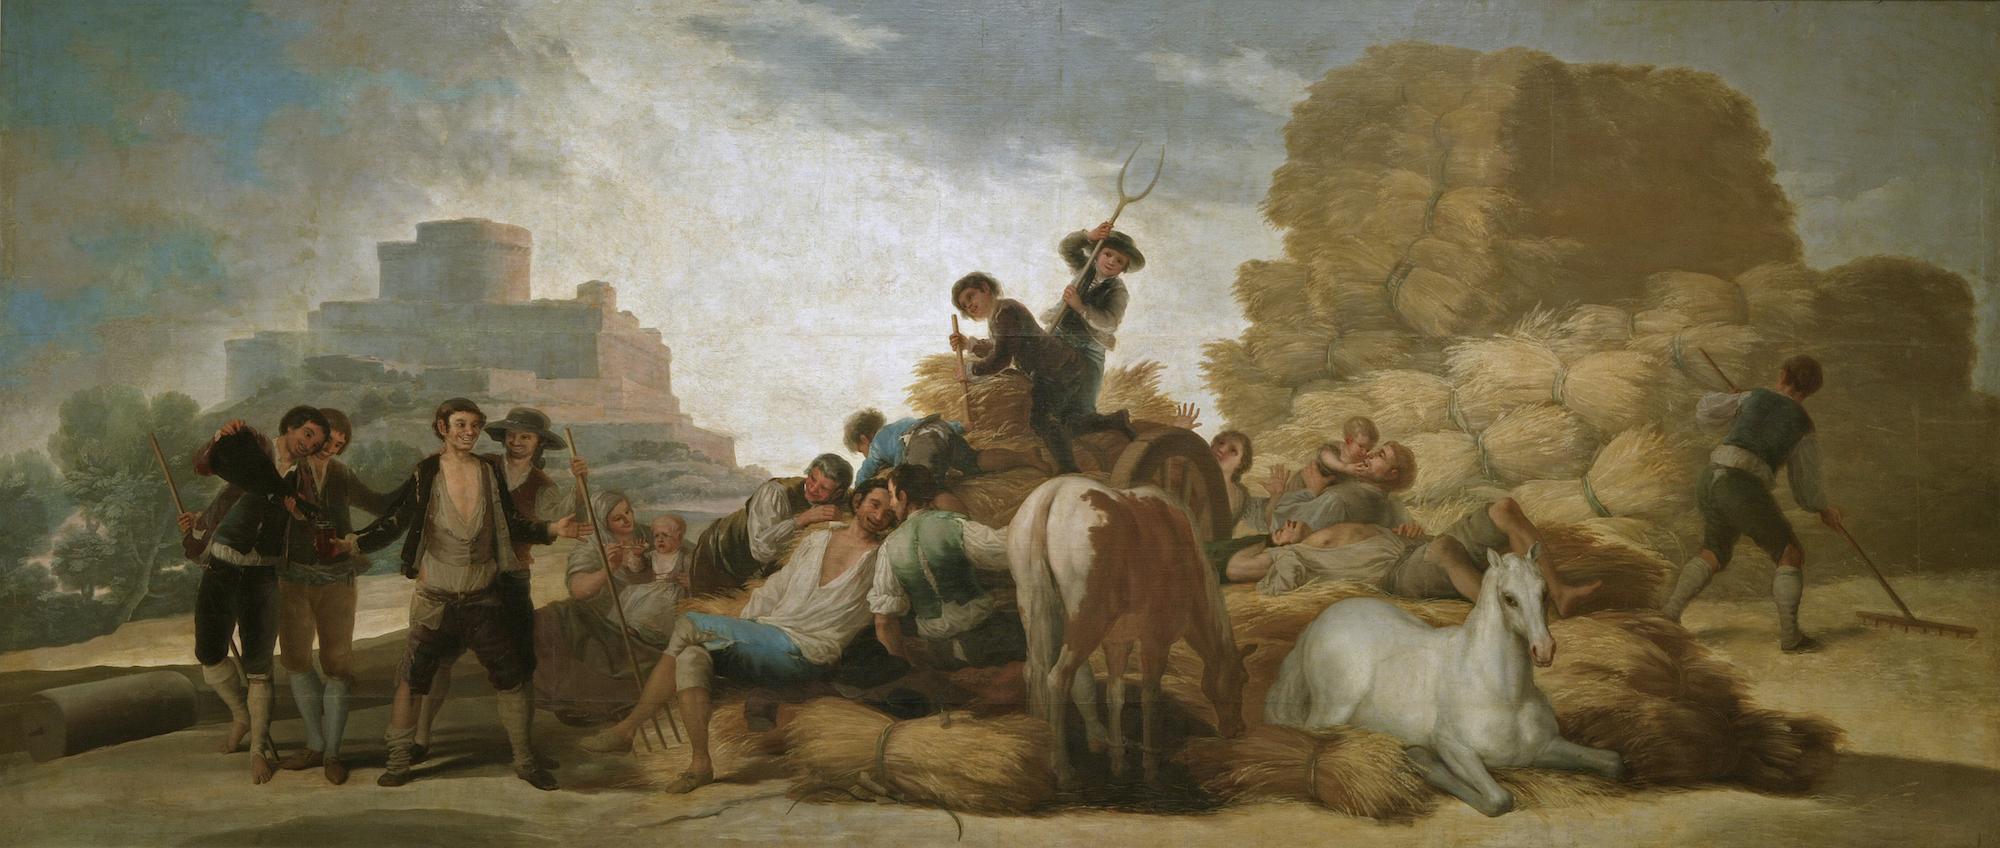 Francisco de Goya: La era o el Verano. Antes de la restauración. Museo Nacional del Prado, Madrid.